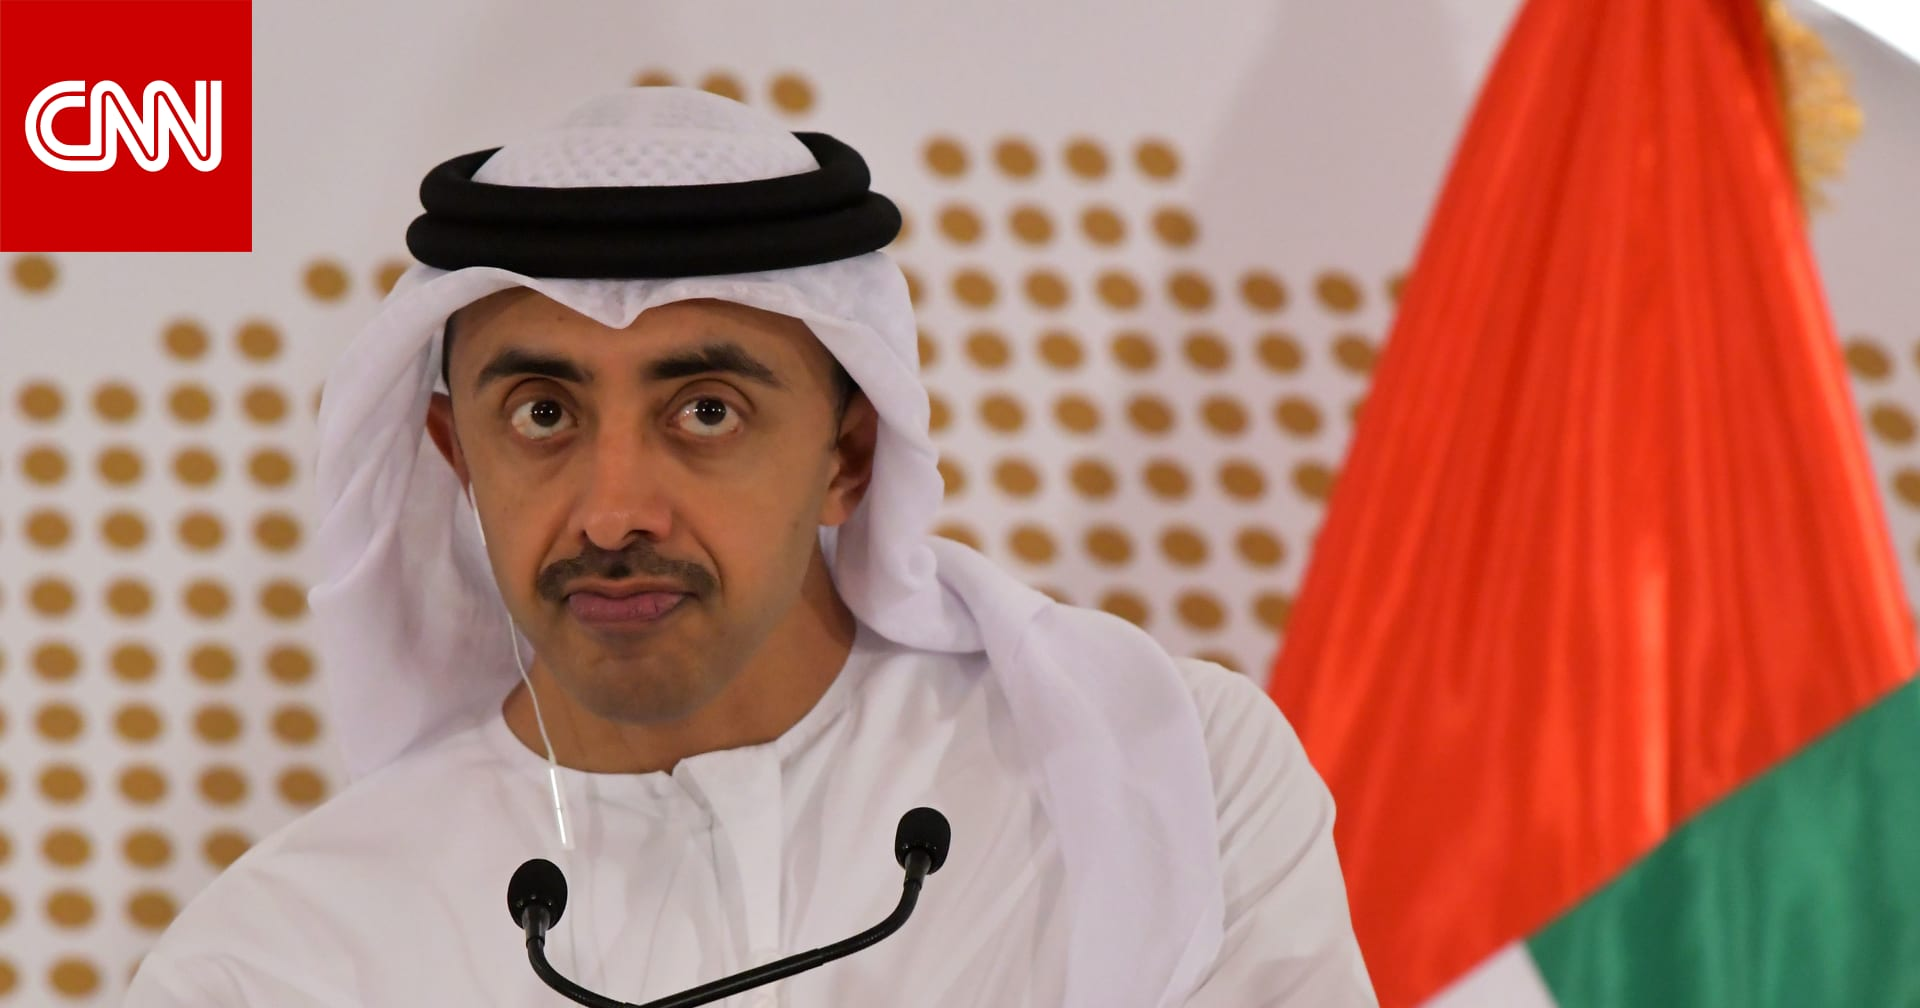 عبدالله بن زايد ووزير خارجية الصين يدشنان أول خط إنتاج وتصنيع لقاح كورونا بالإمارات